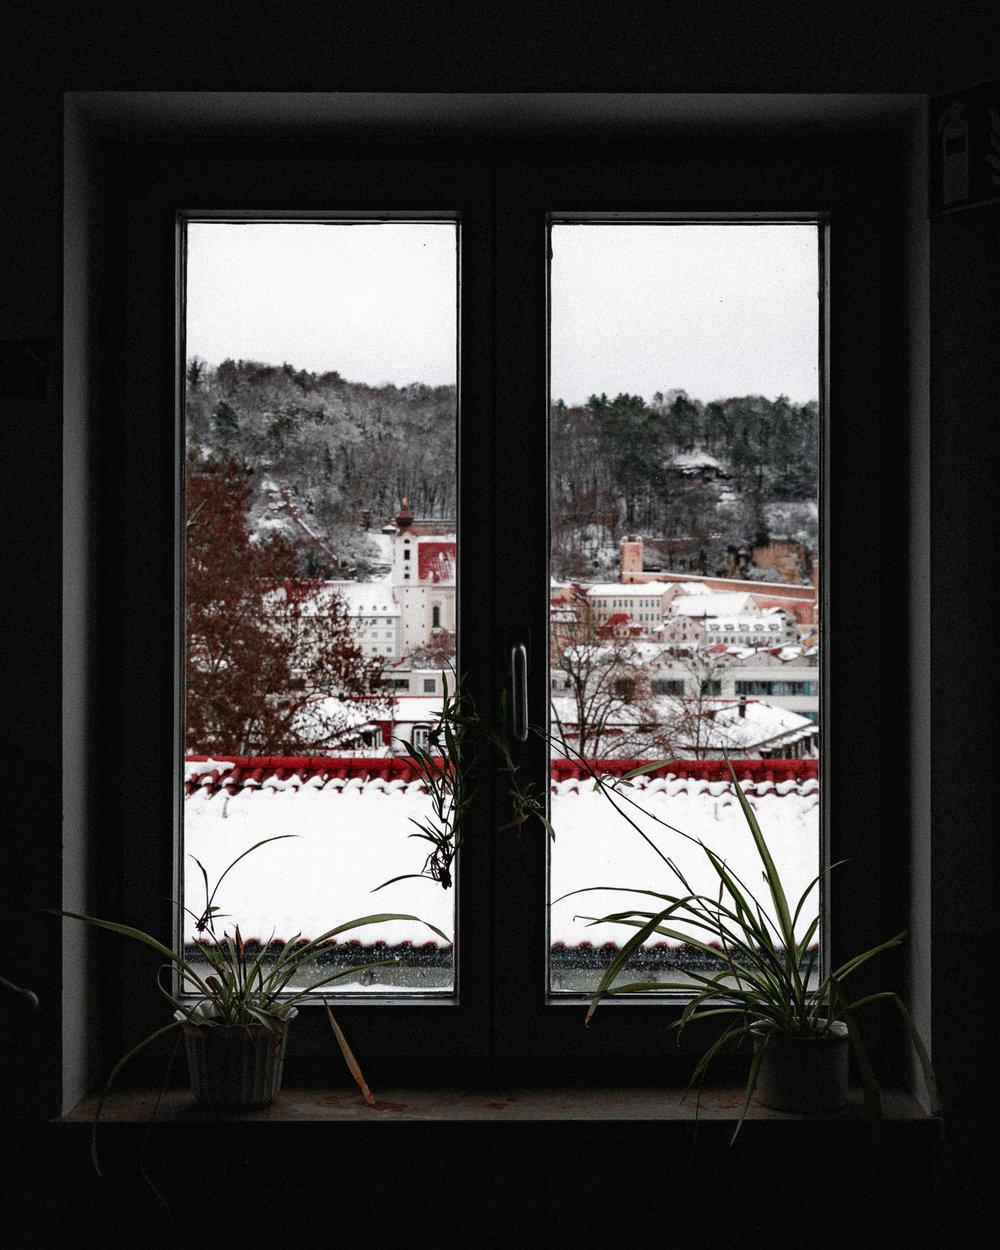 2019-01-10 Eichstatt 034.jpg